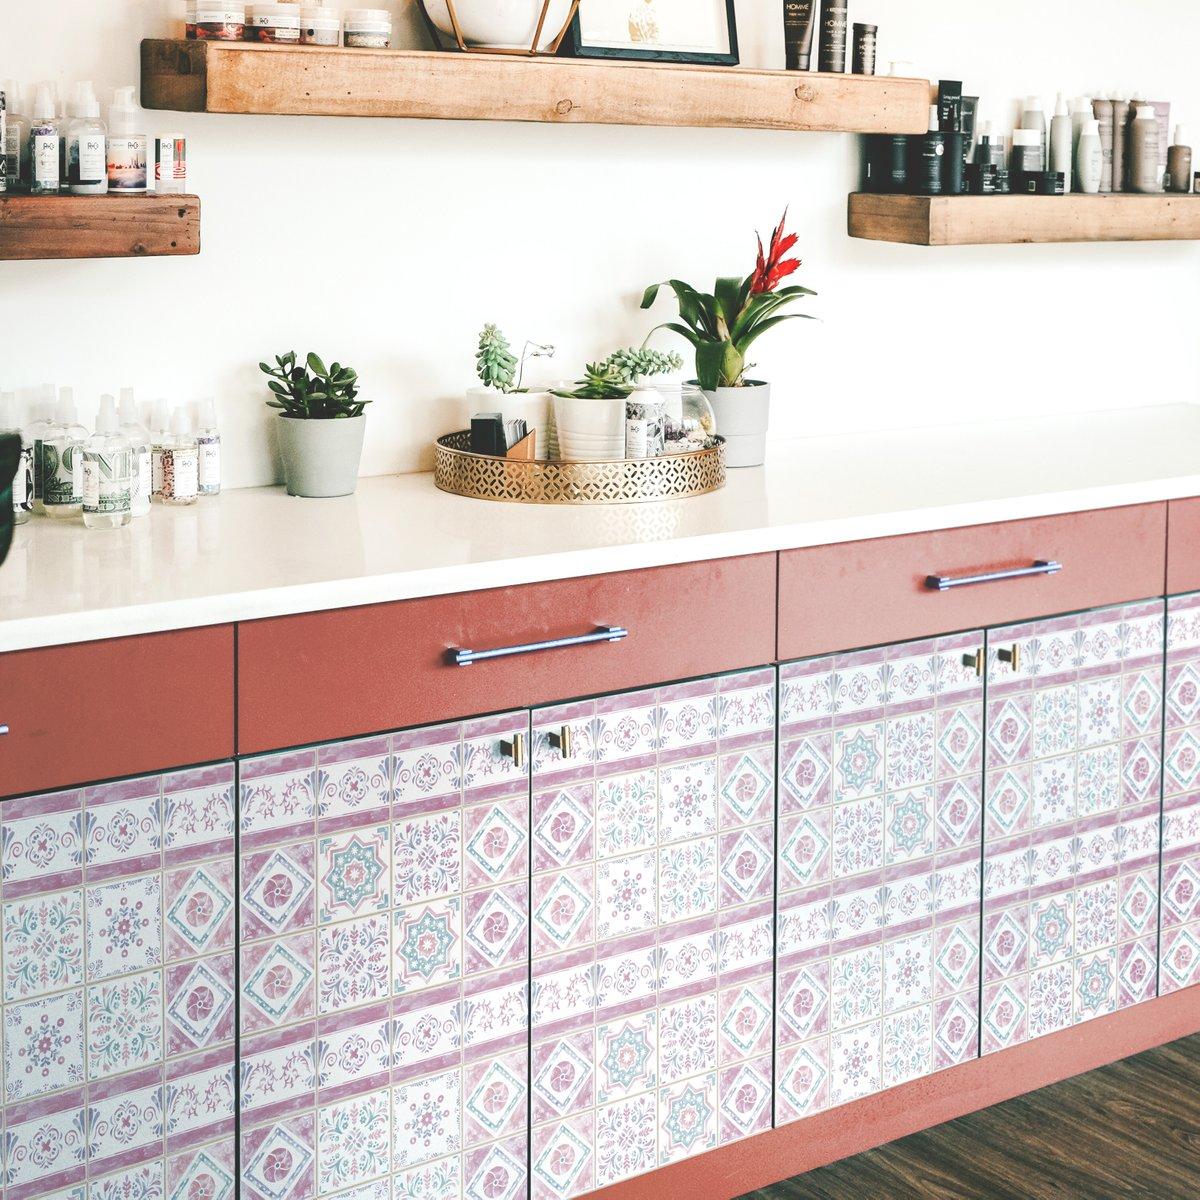 壁紙専門店 カベラボ Sur Twitter キッチンの棚にタイルステッカー 毎日 立つ場所だからこそ居心地のいい空間にしたい そんなお手伝いが出来れば幸いです 北欧インテリア 北欧ナチュラル 暮らしを楽しむ インテリア 壁紙 カベラボ Kabelab 壁 クロス